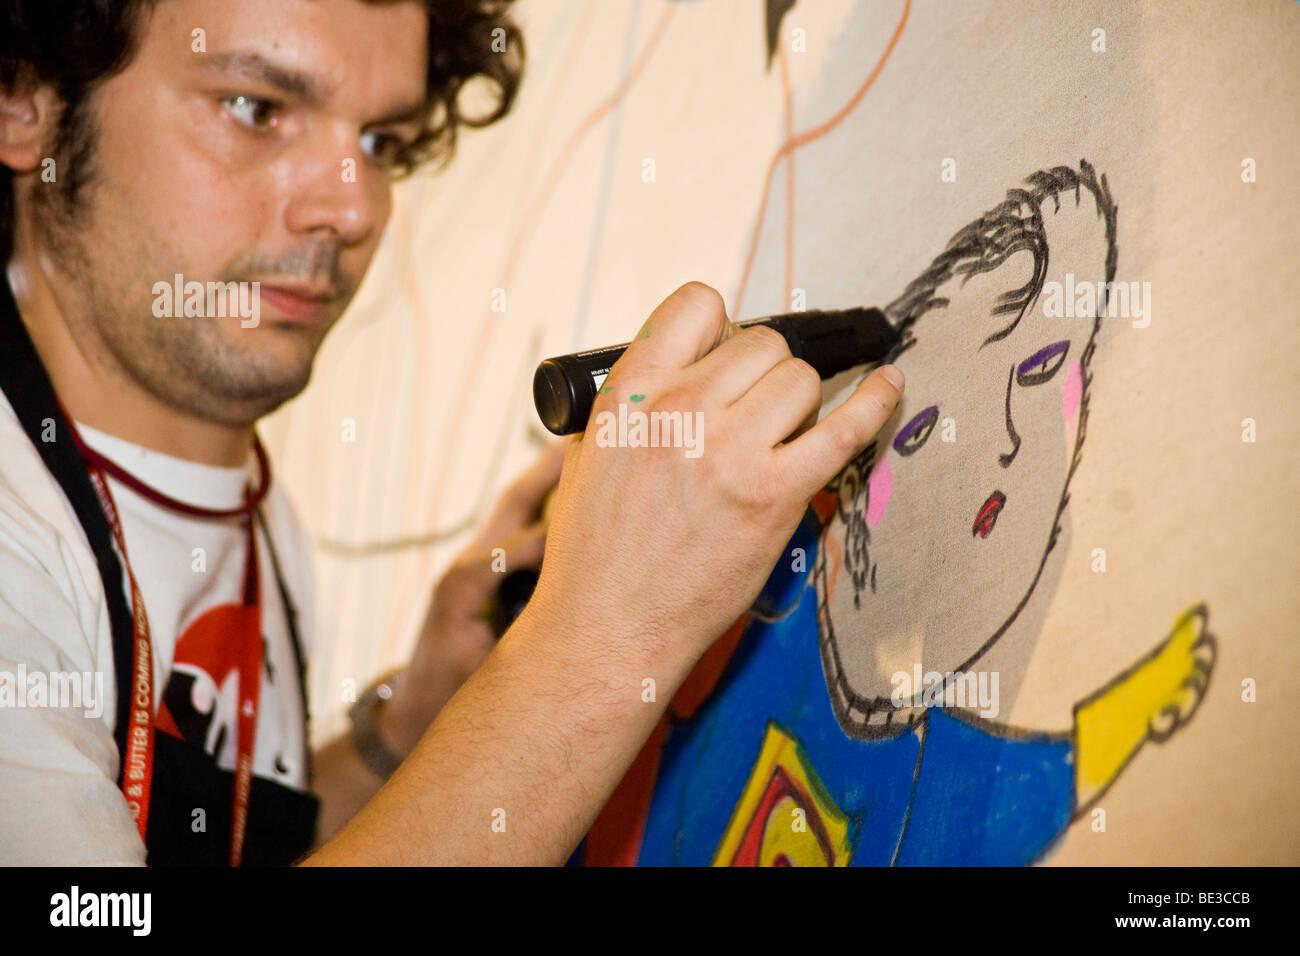 El pintor valenciano Vicente Ramirez está dibujando una nueva imagen cada día en la feria de moda Bread Imagen De Stock